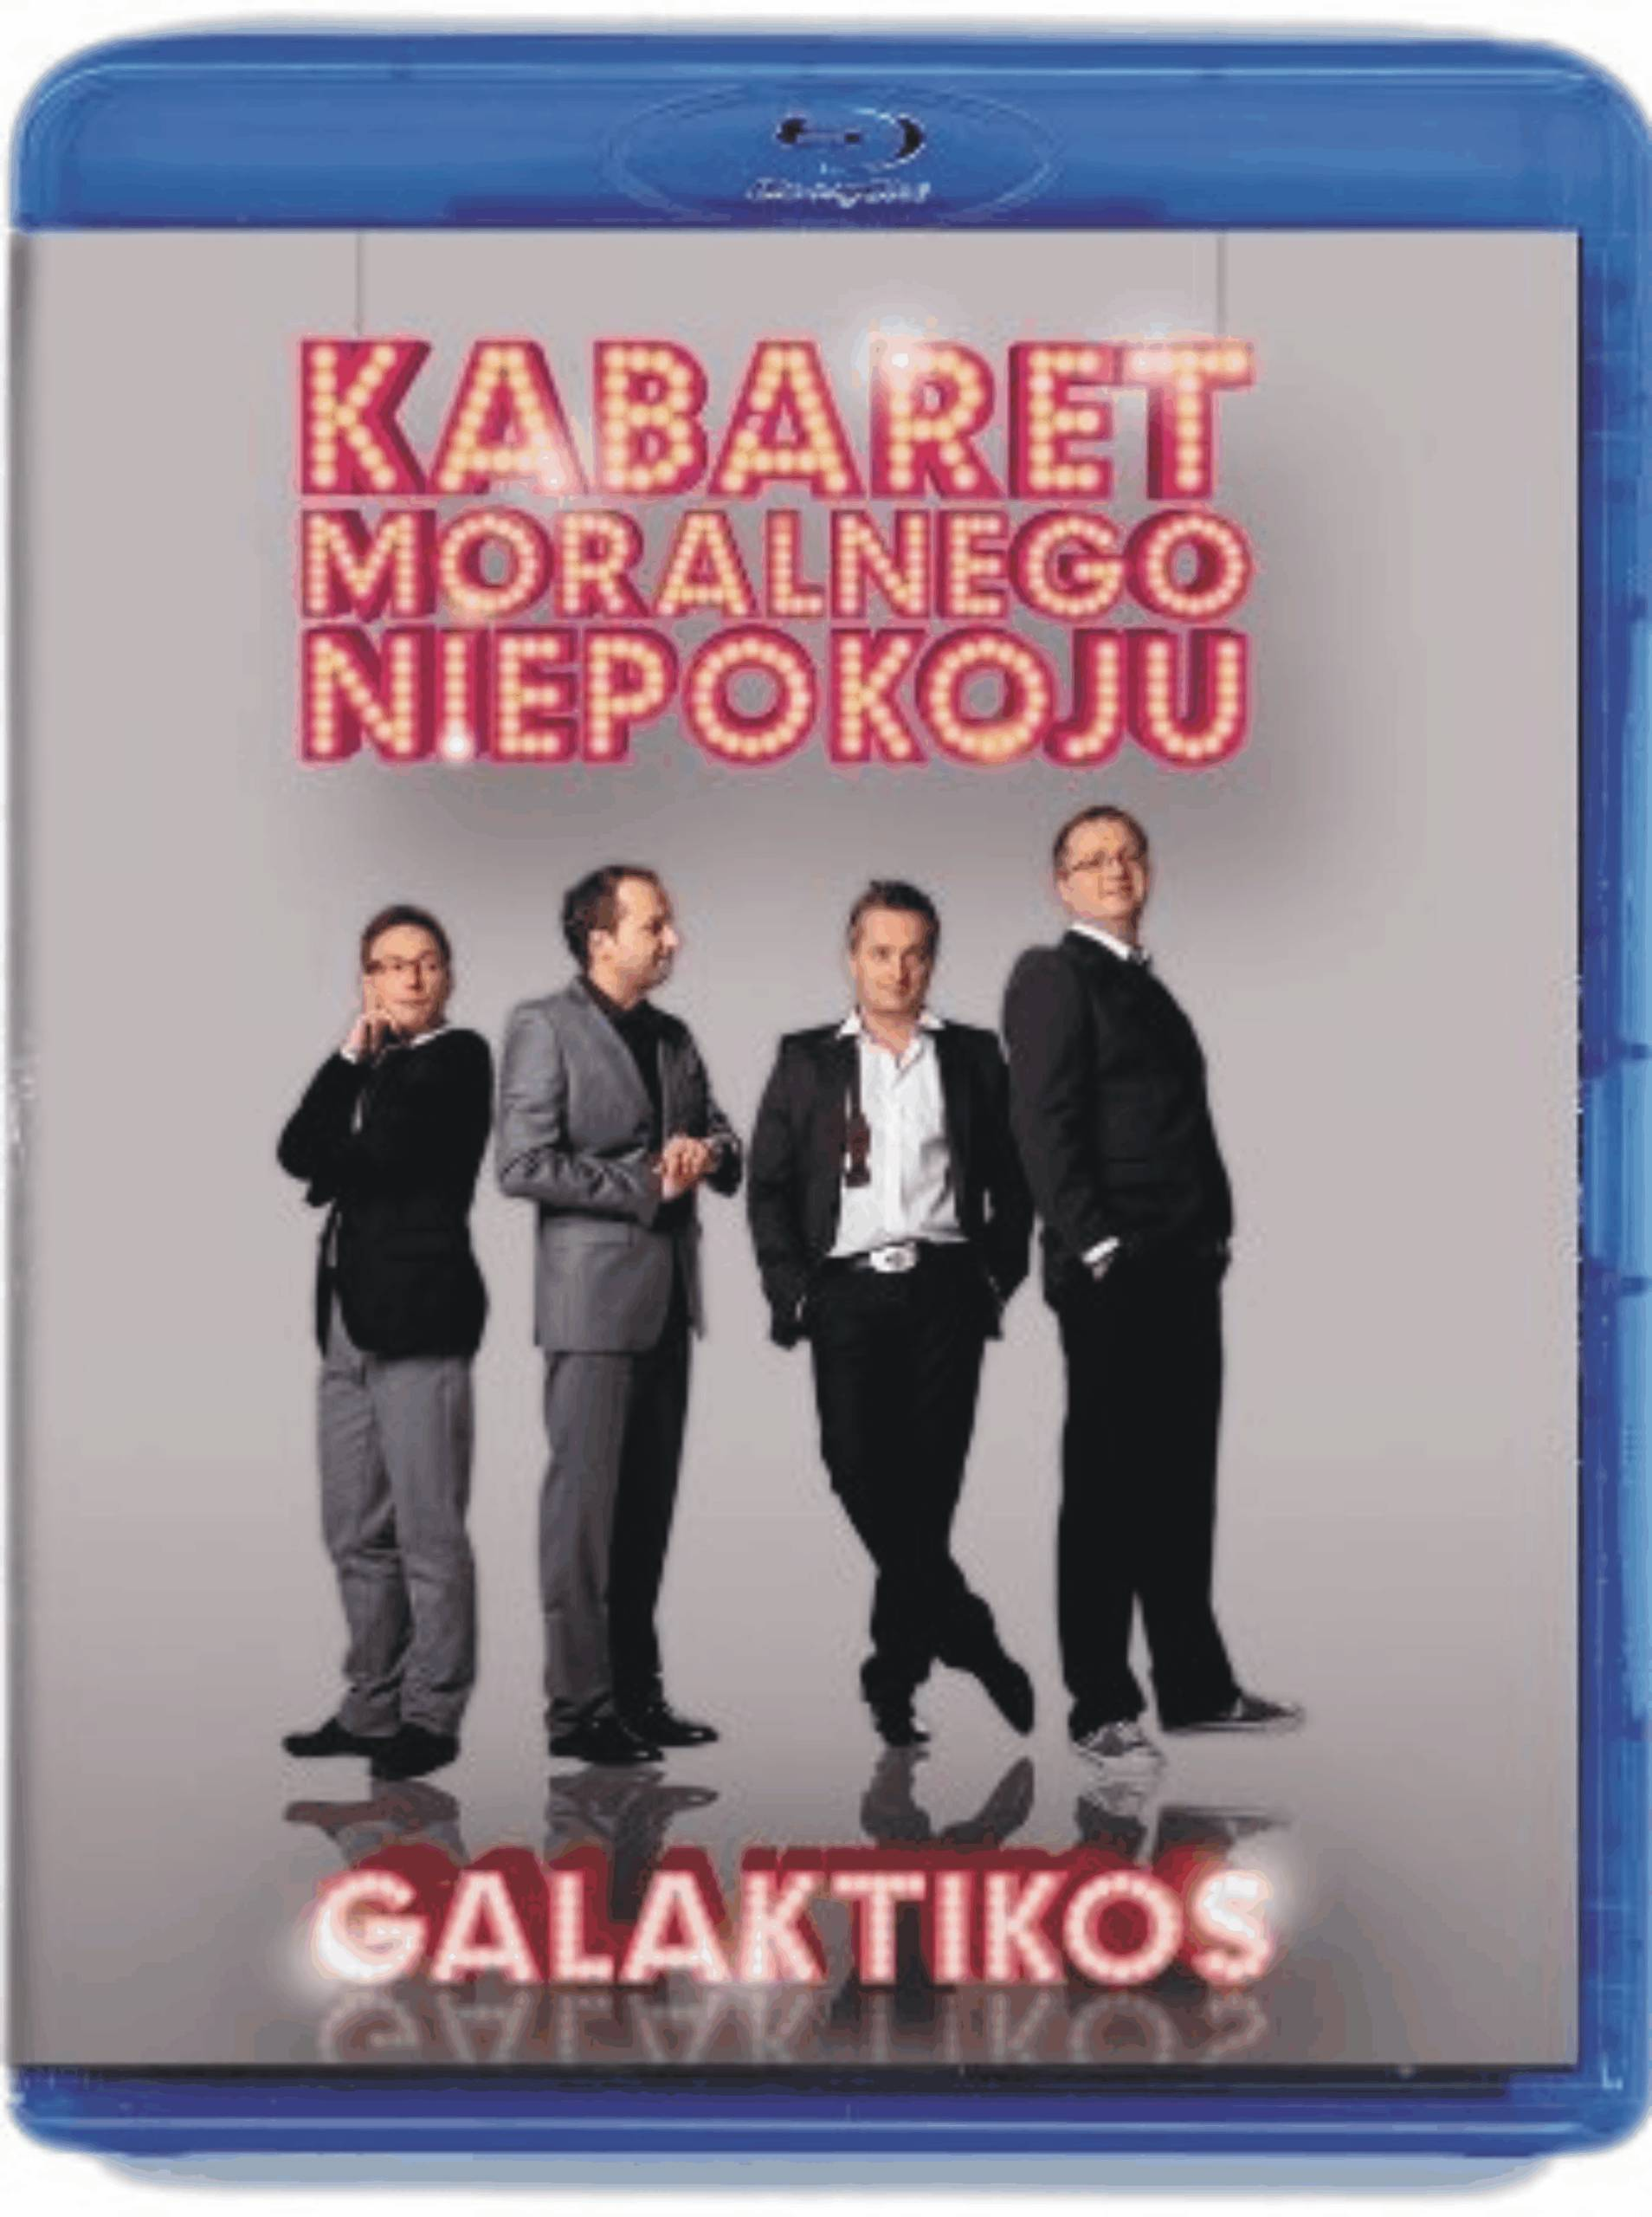 Kabaret Moralnego Niepokoju - Galaktikos BLU-RAY